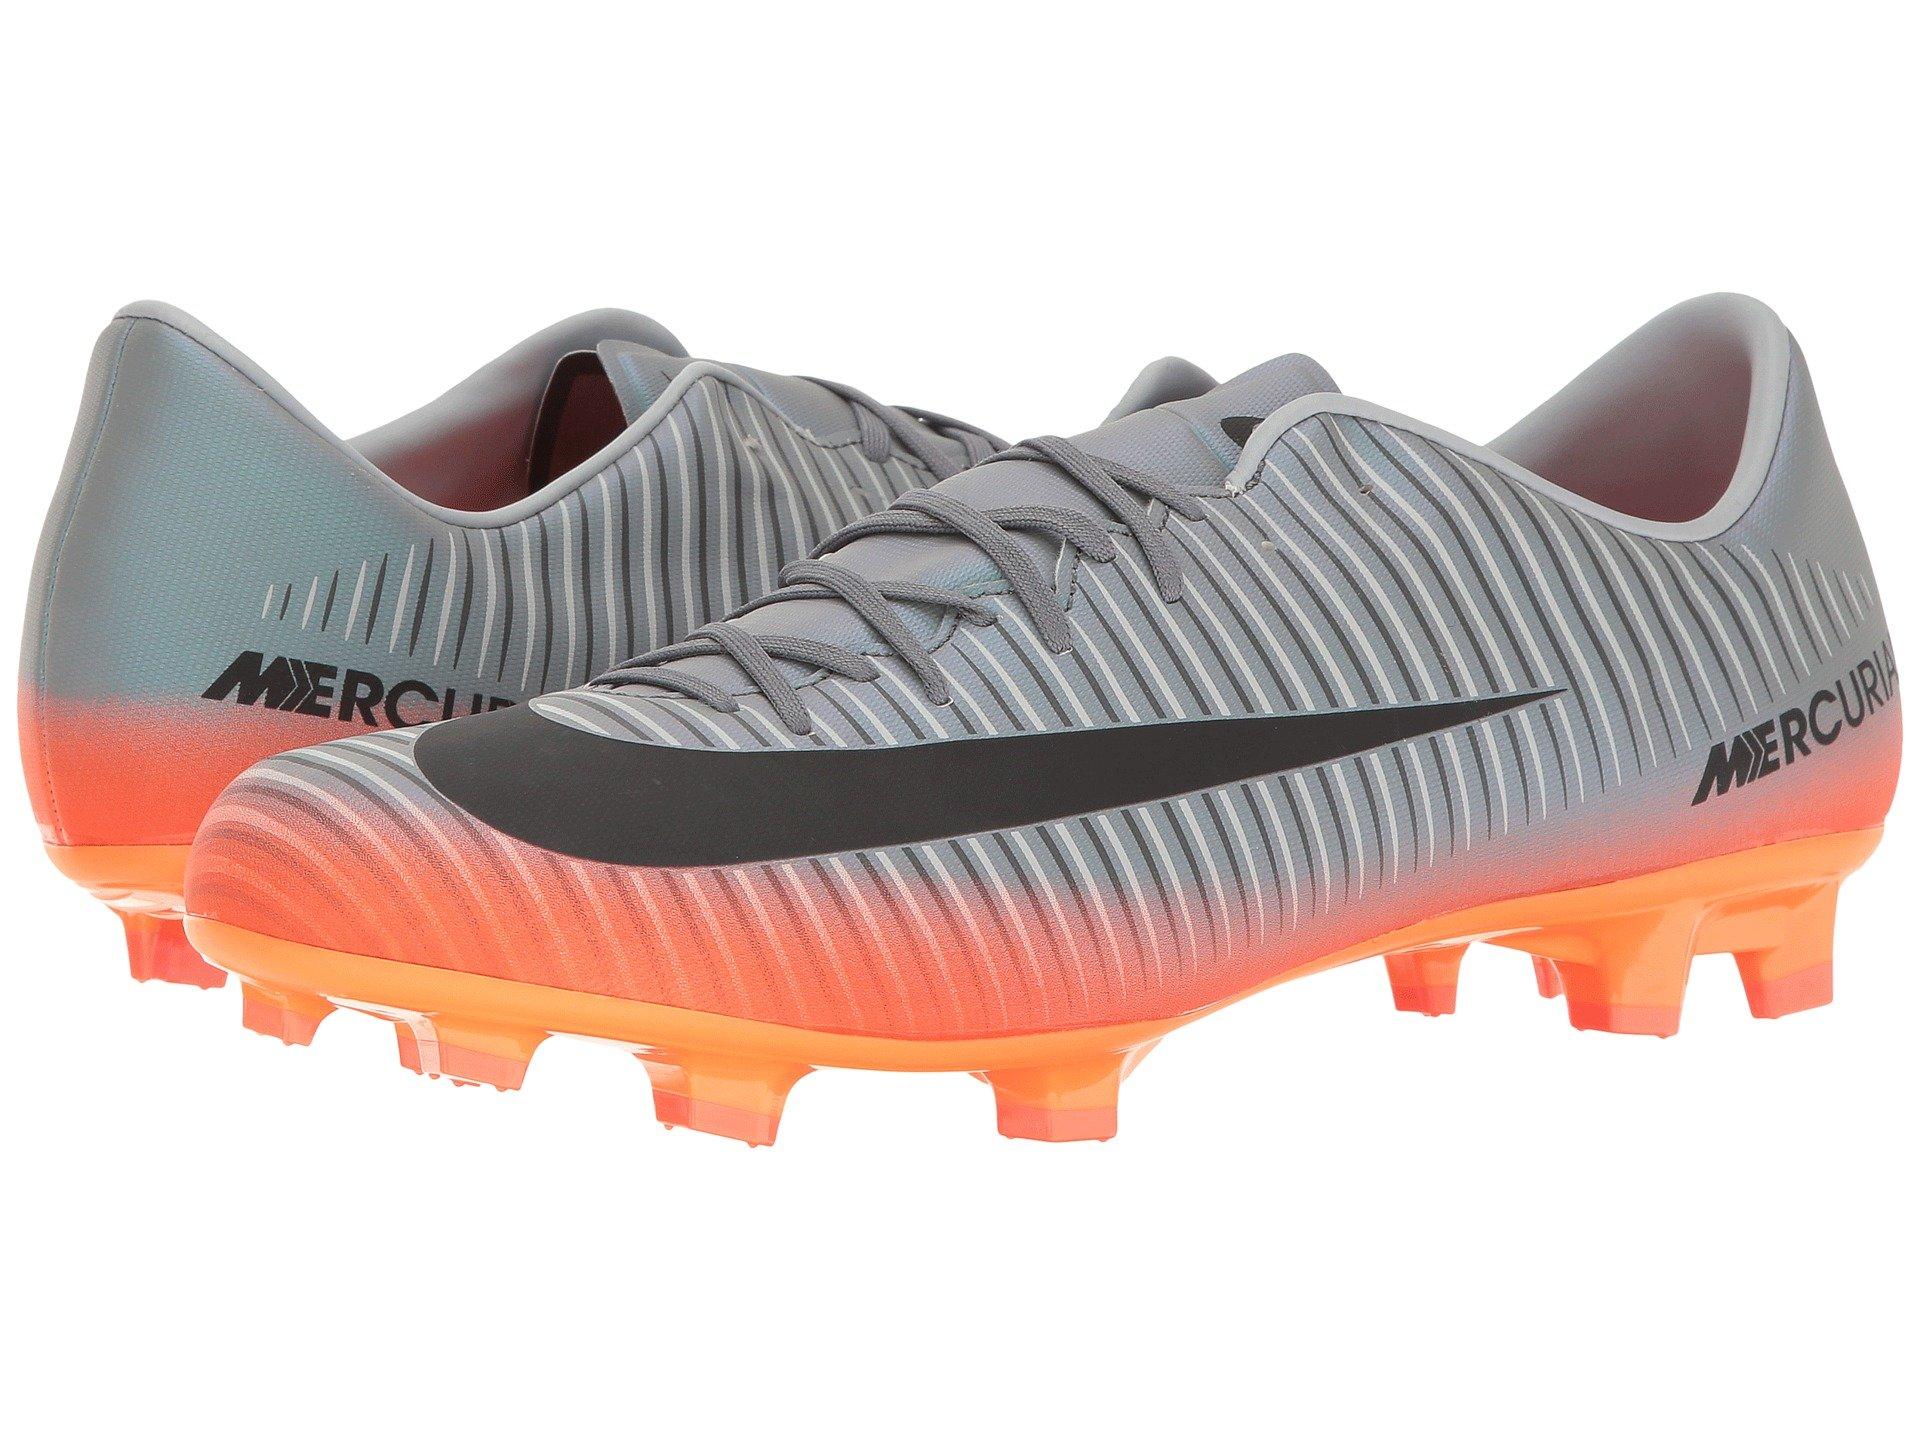 Nike - Mercurial Victory VI CR7 FG